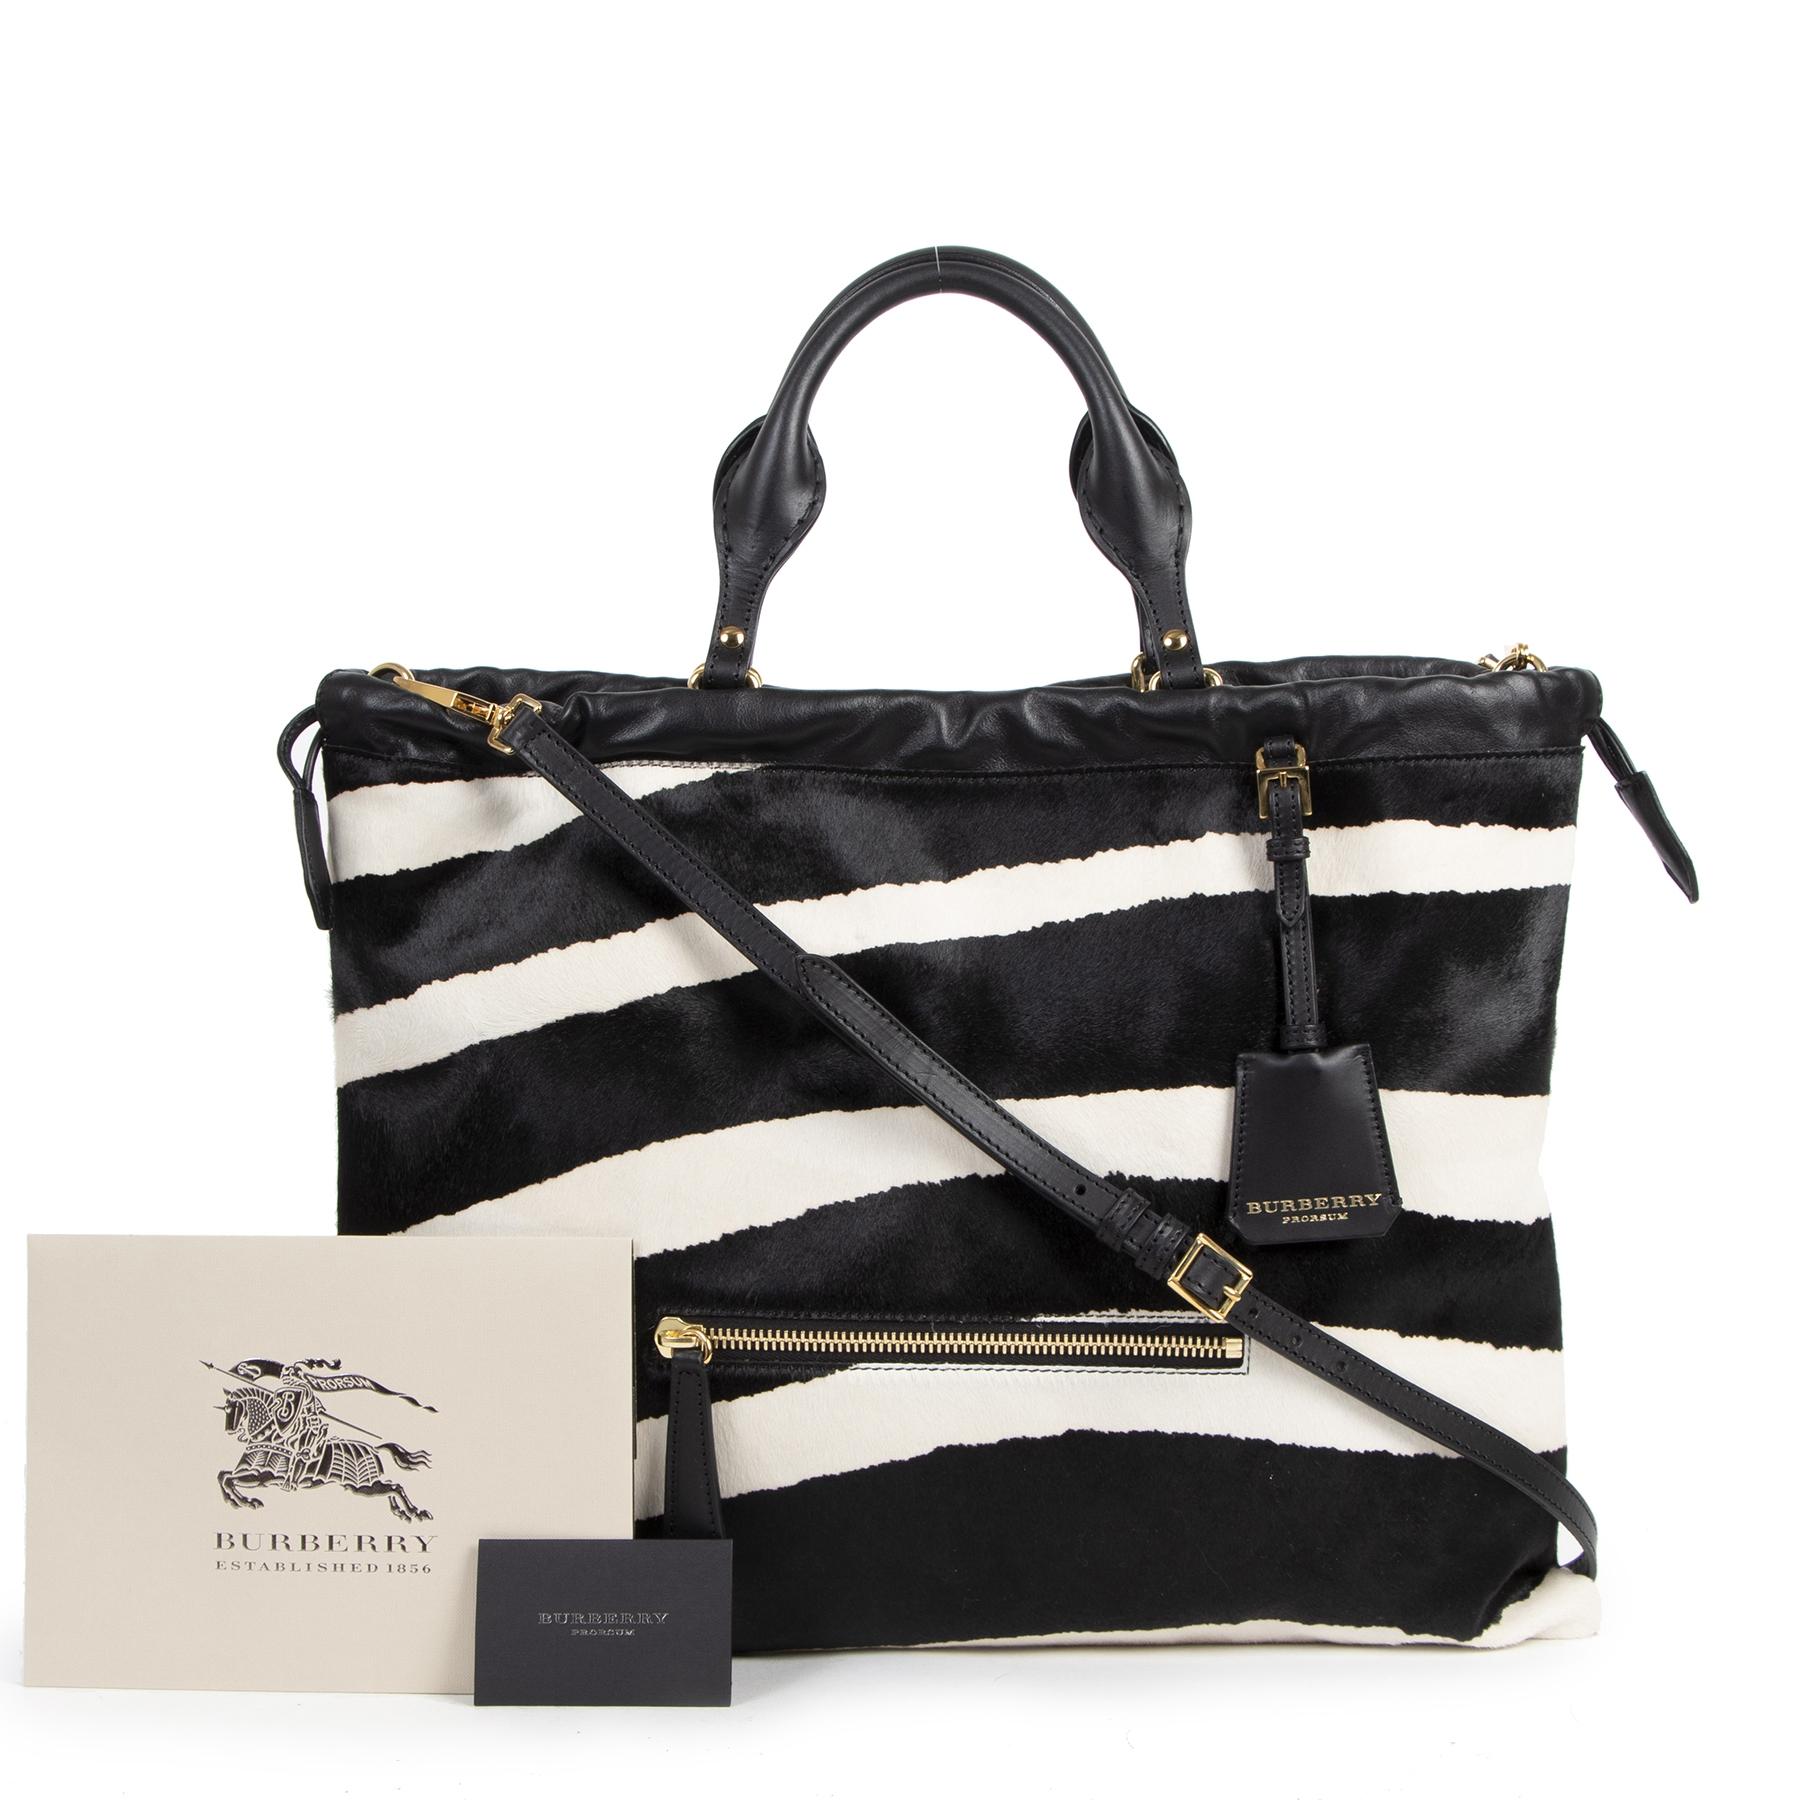 Koop authentieke tweedehands Burberry tassen met de juiste prijs bij LabelLOV.